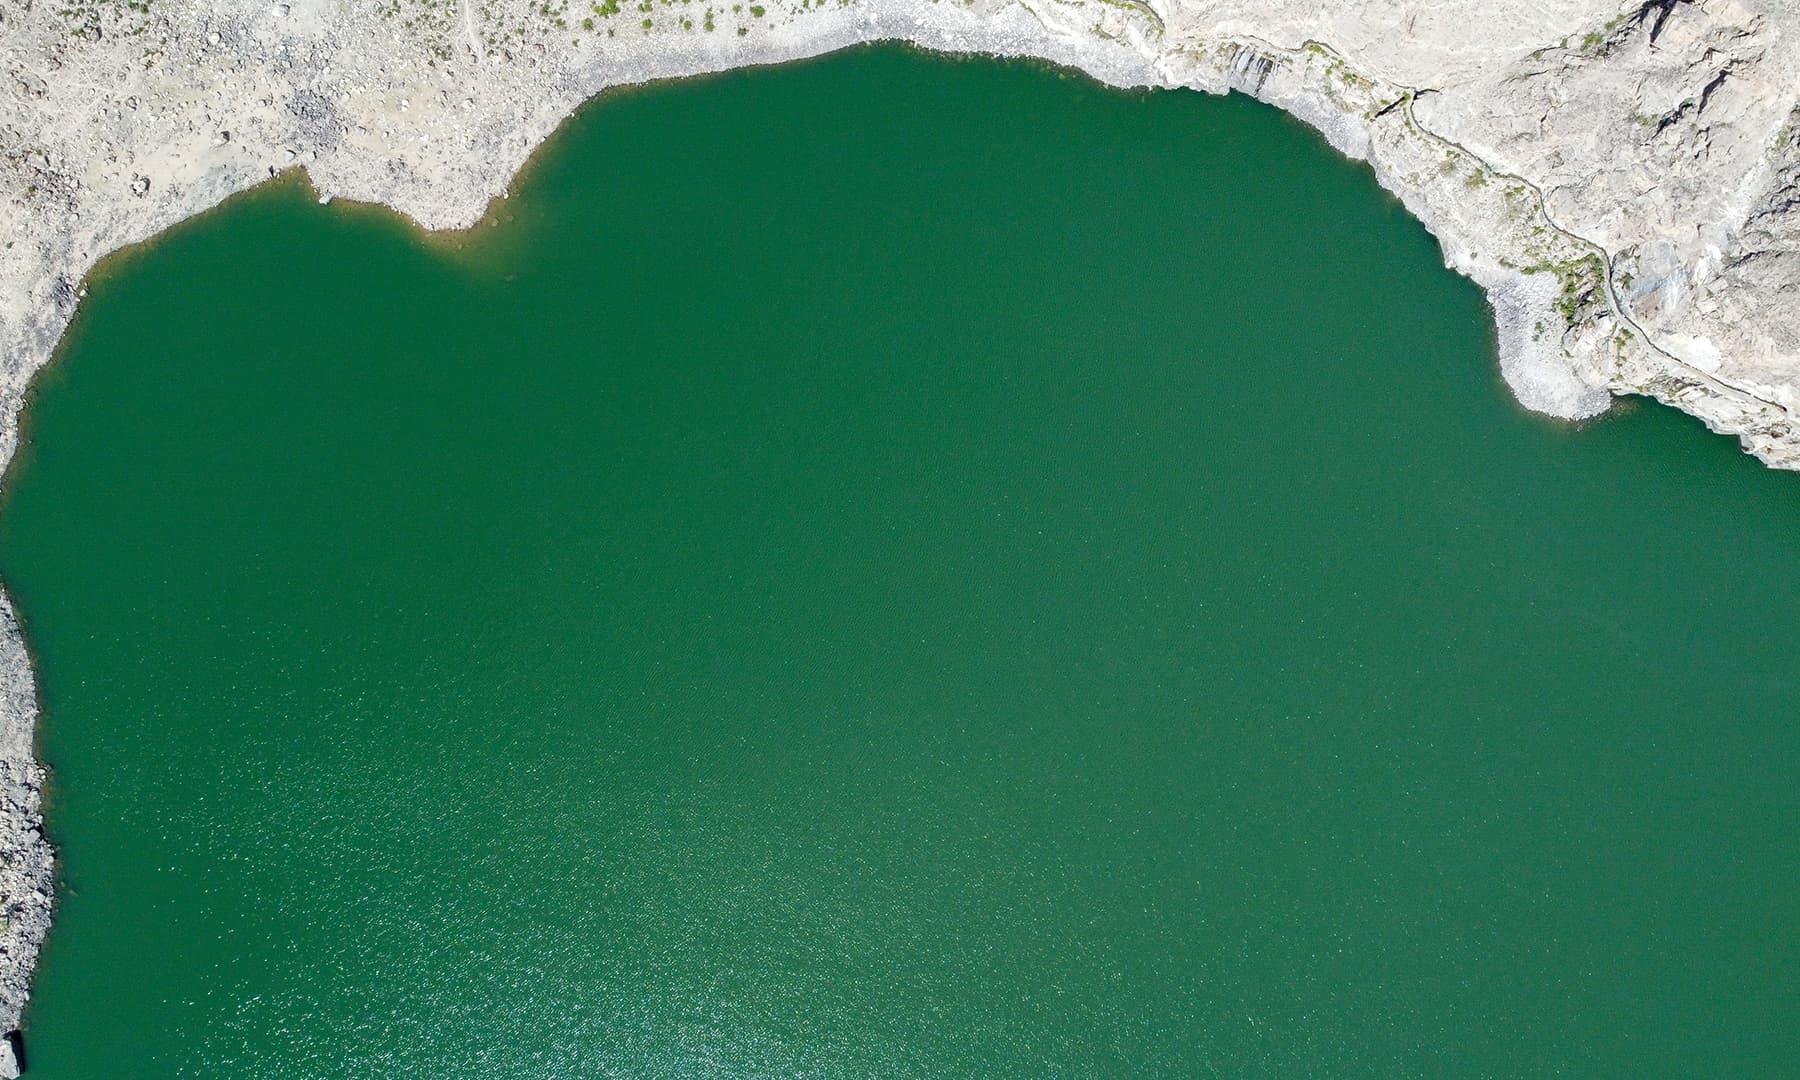 جھیل کا پانی گہرے سبز رنگ کا ہے